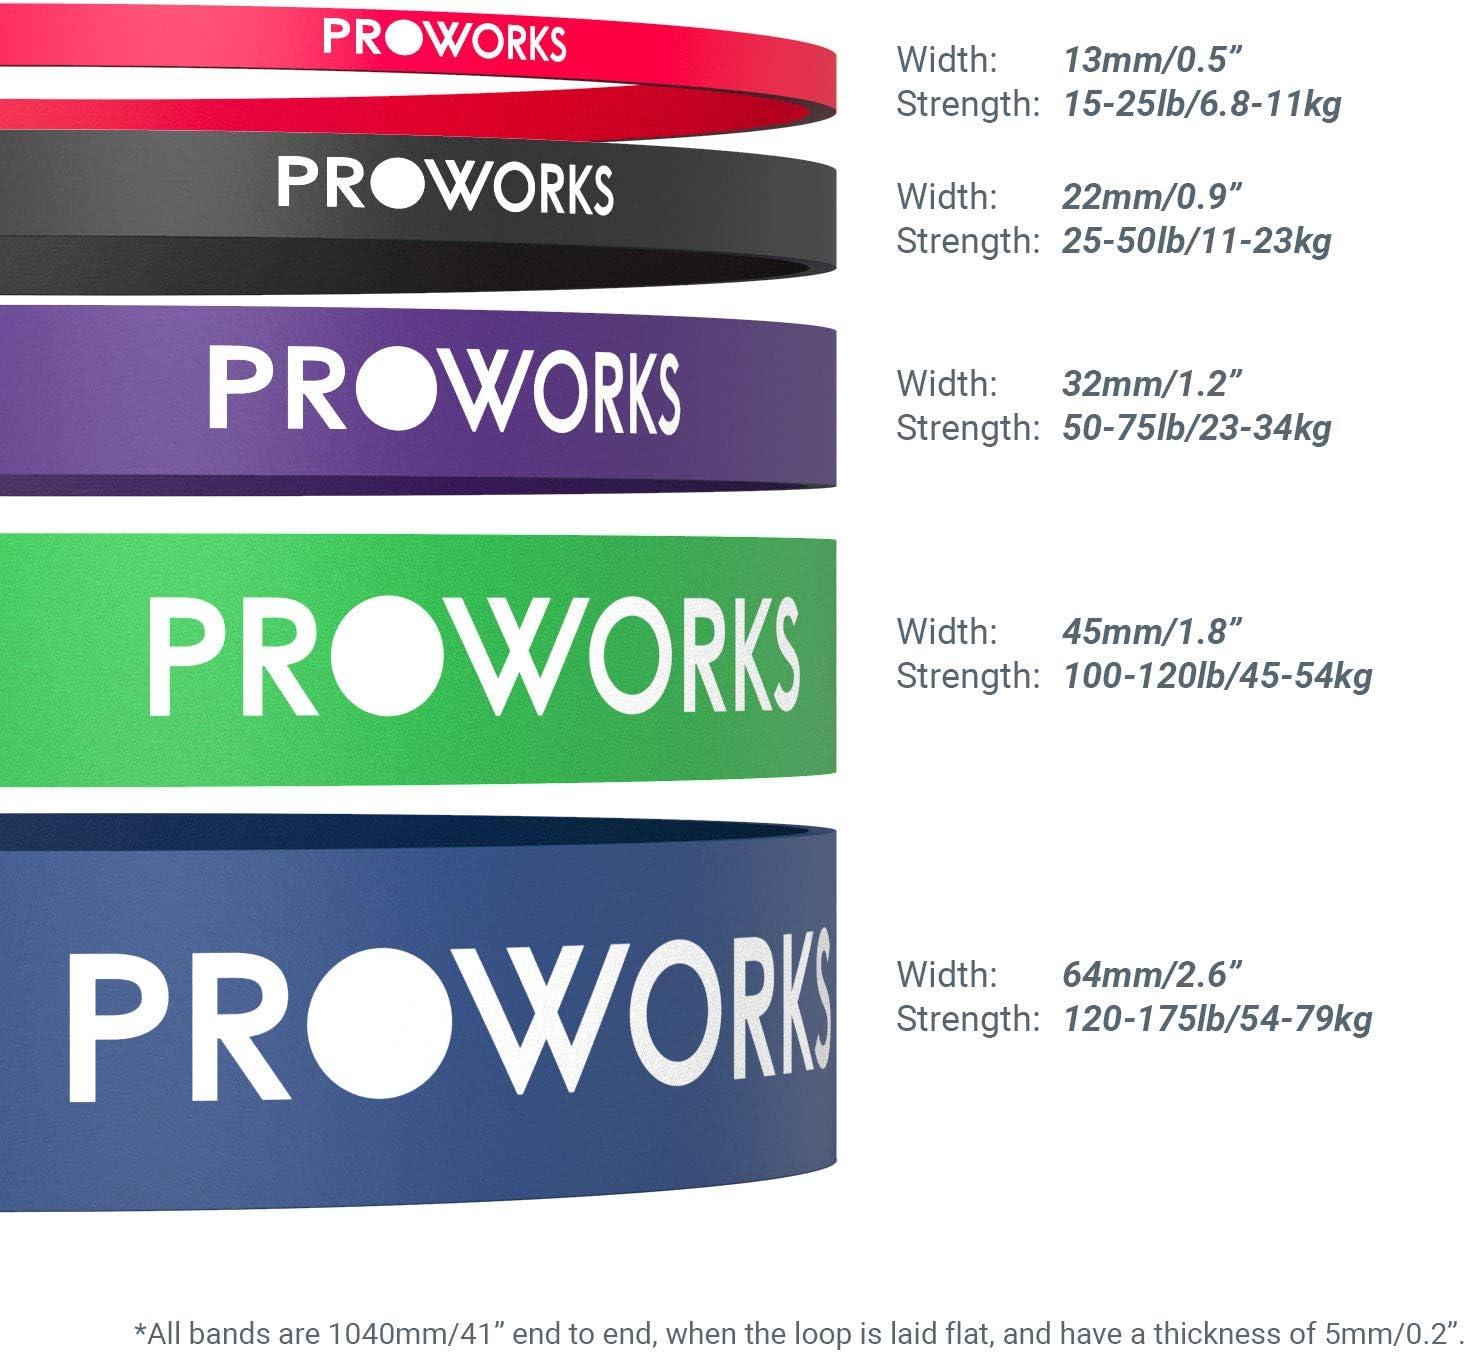 Elastique Sport Fitness pour exercices de traction Proworks Elastique Musculation Bande de Resistance ultra-r/ésistantes avec manuel dentra/înement Disponible en 5 niveau de r/ésistance diff/érentes des jambes et des bras